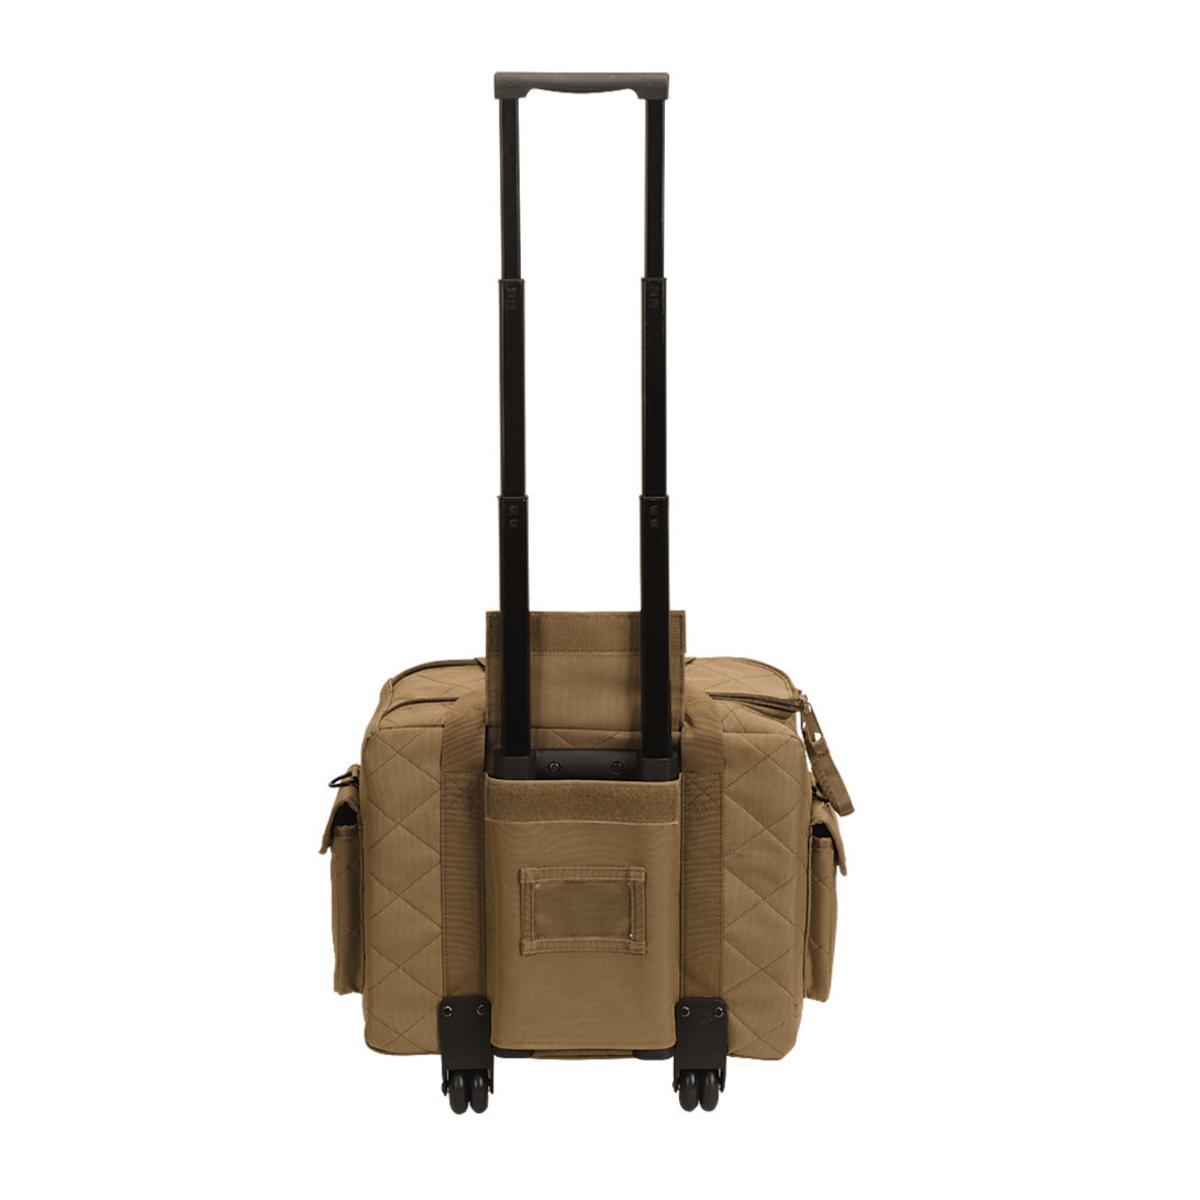 voodoo tactical 20 0940 wheeled scorpion range bag large. Black Bedroom Furniture Sets. Home Design Ideas